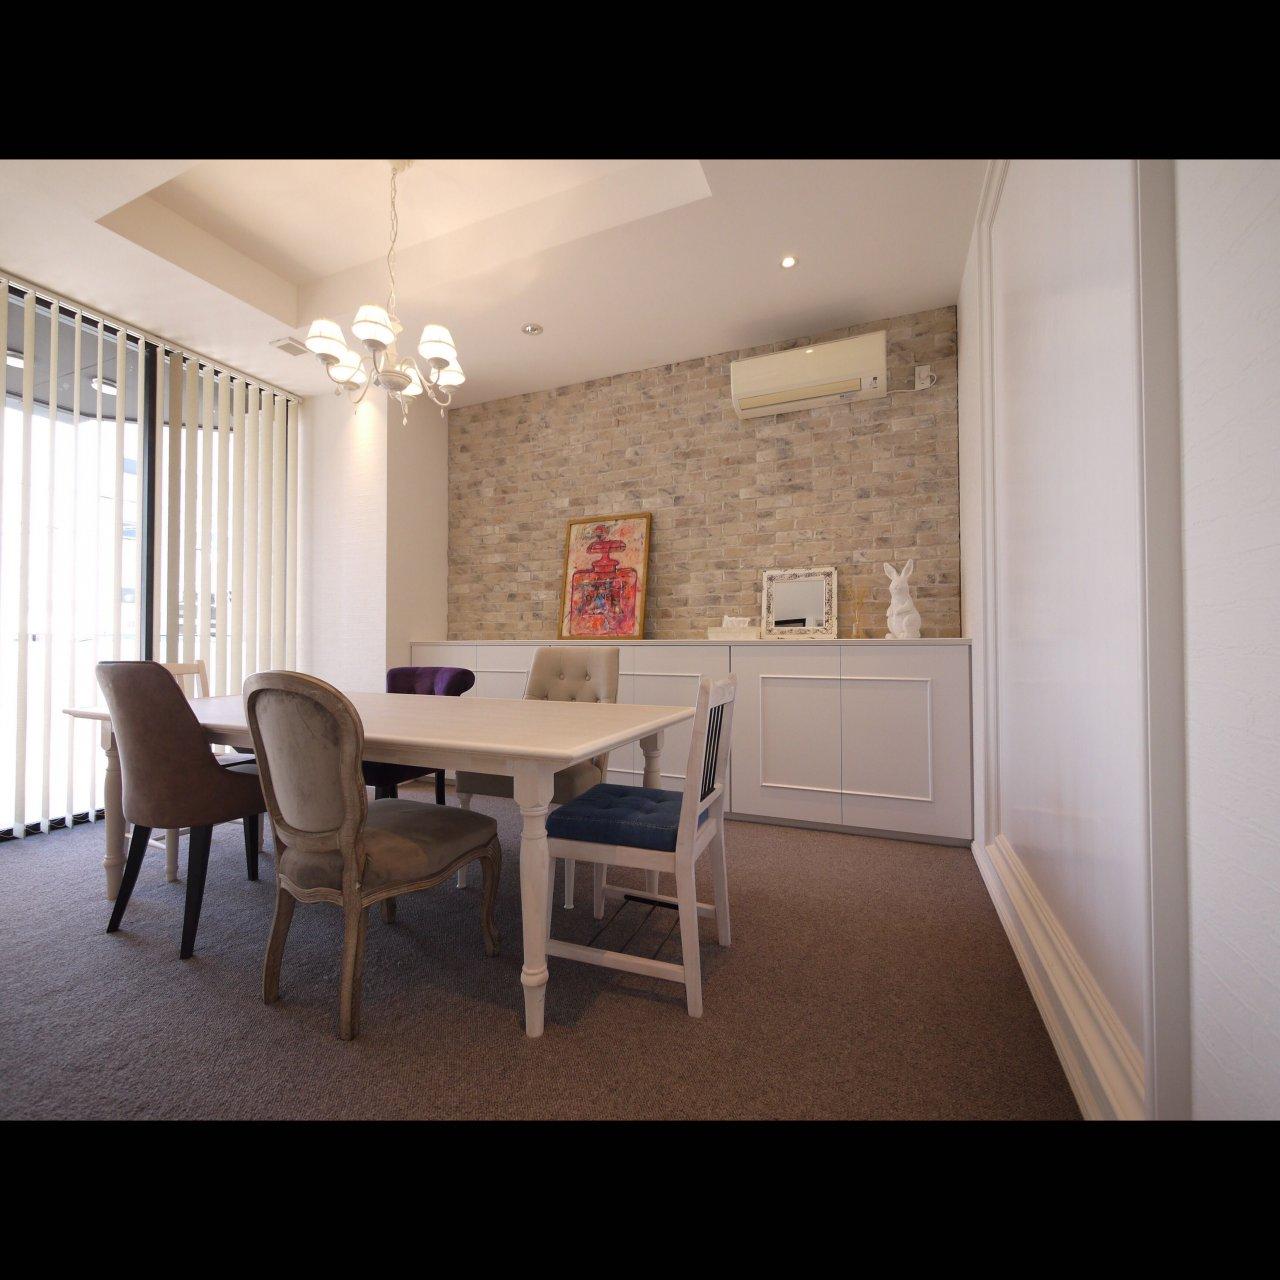 リノベ不動産|General Act Design ショールーム5 お打ち合わせやセミナーに使用する個室は可愛らしい雰囲気です